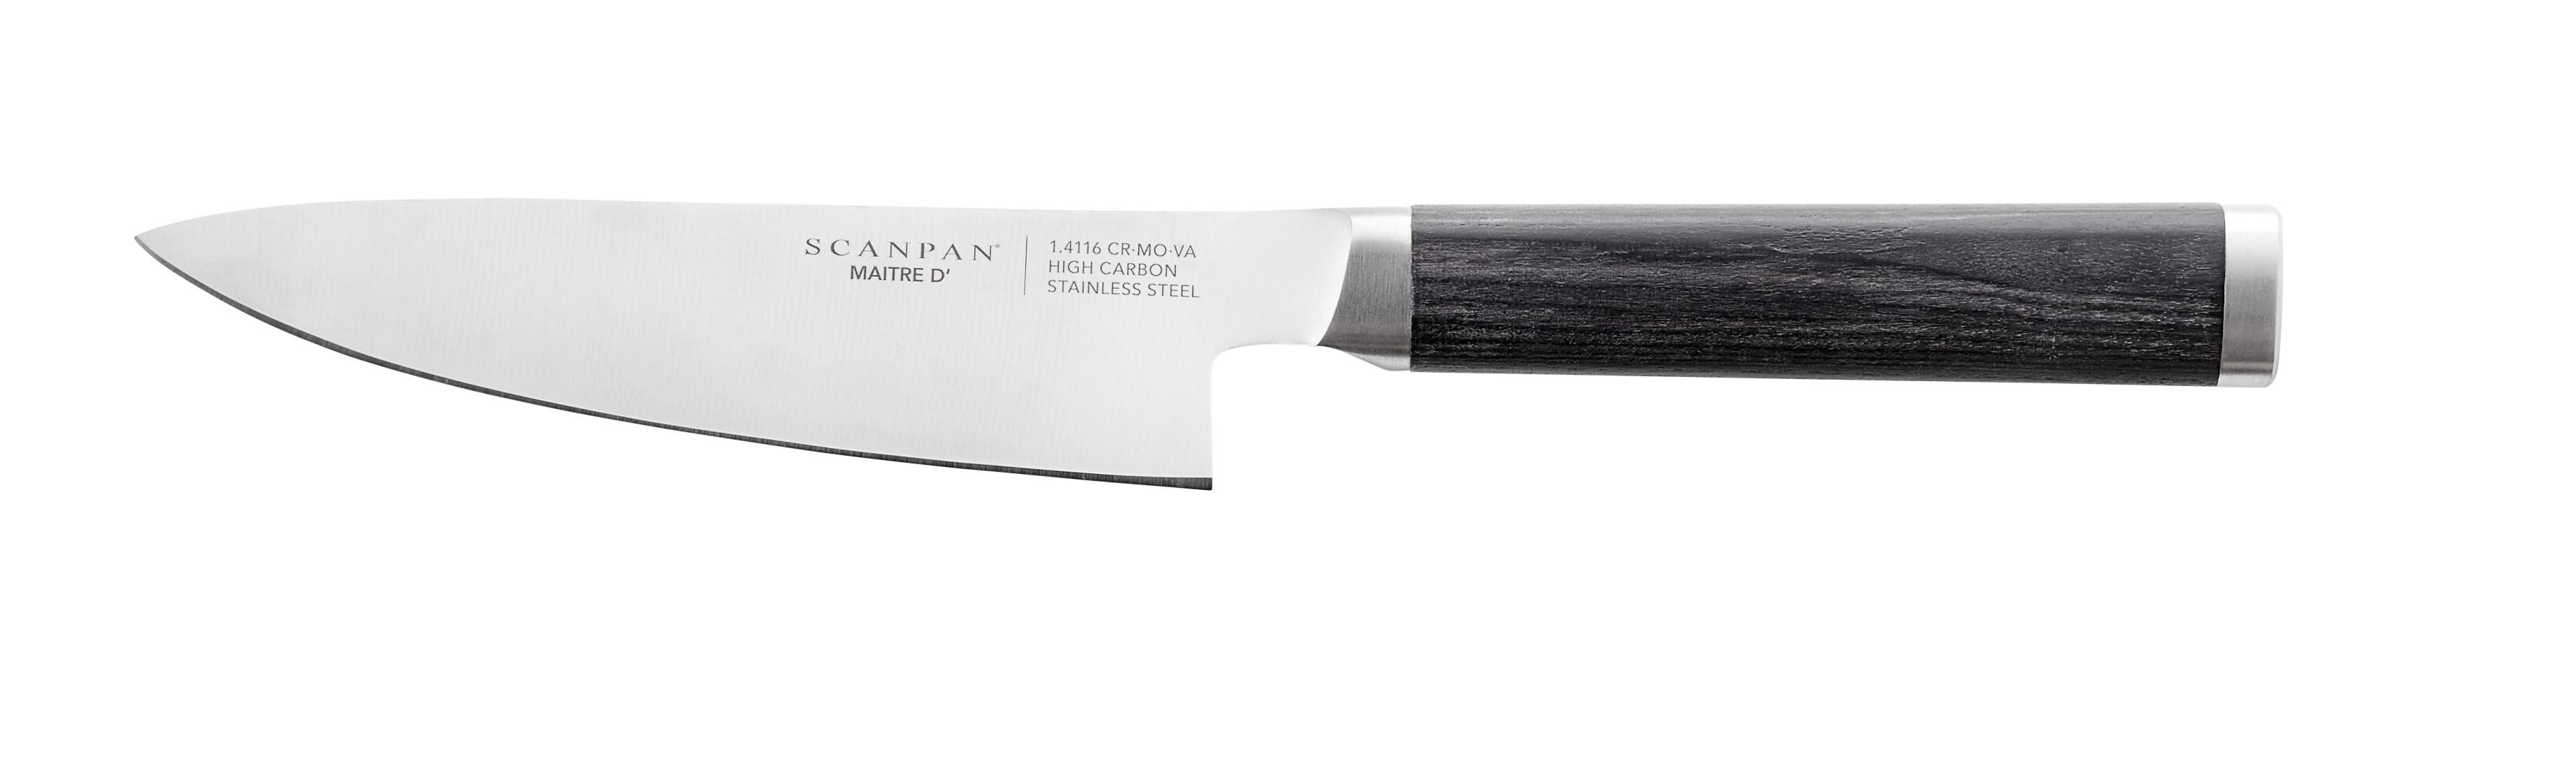 12,5 cm asiatisk urtekniv -Maitre D, 12,5 cm